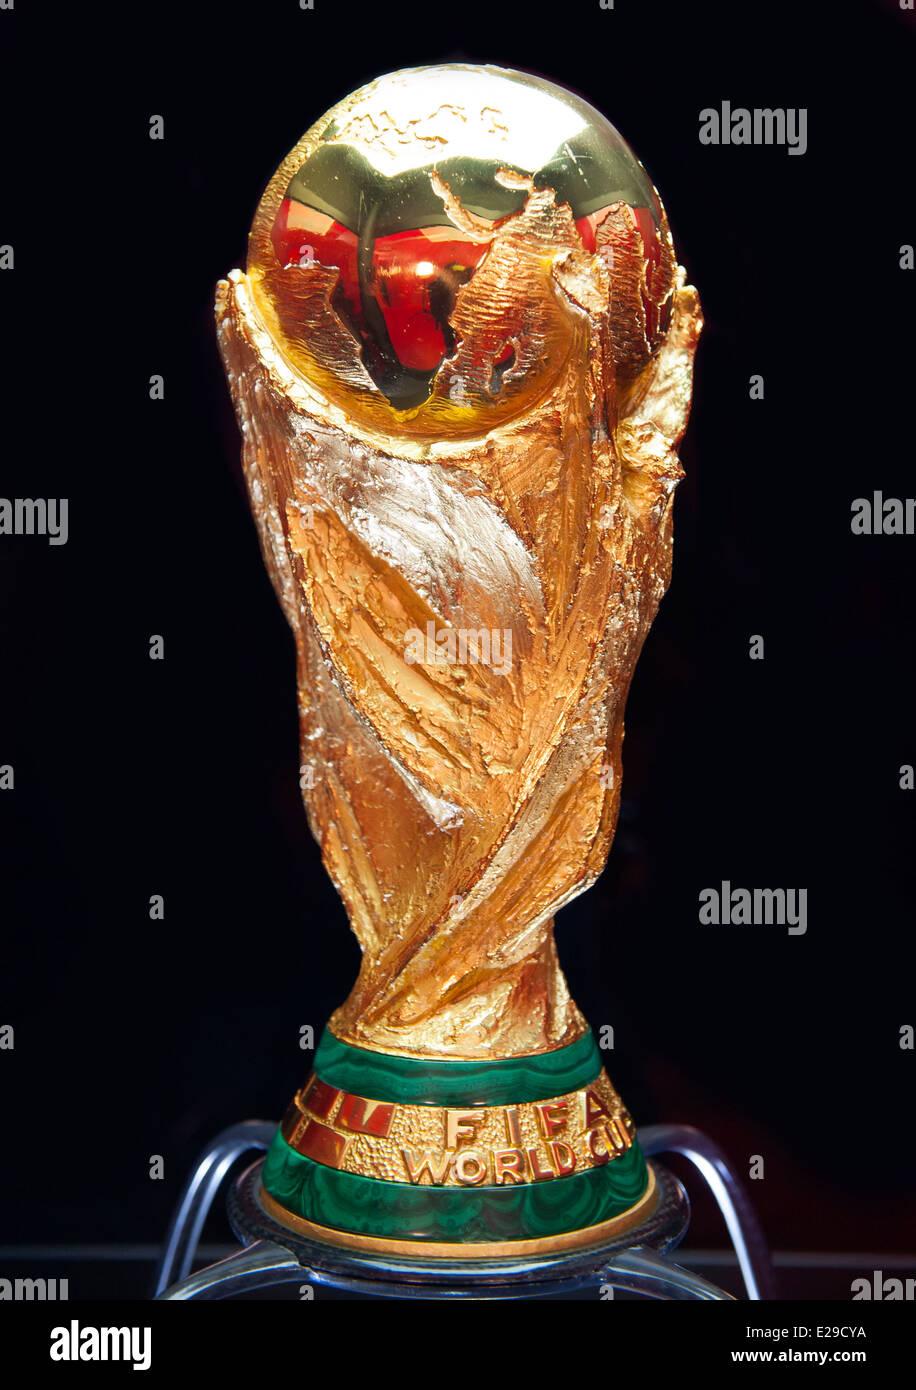 Fussball Wm Pokal Stockfoto Bild 70278526 Alamy